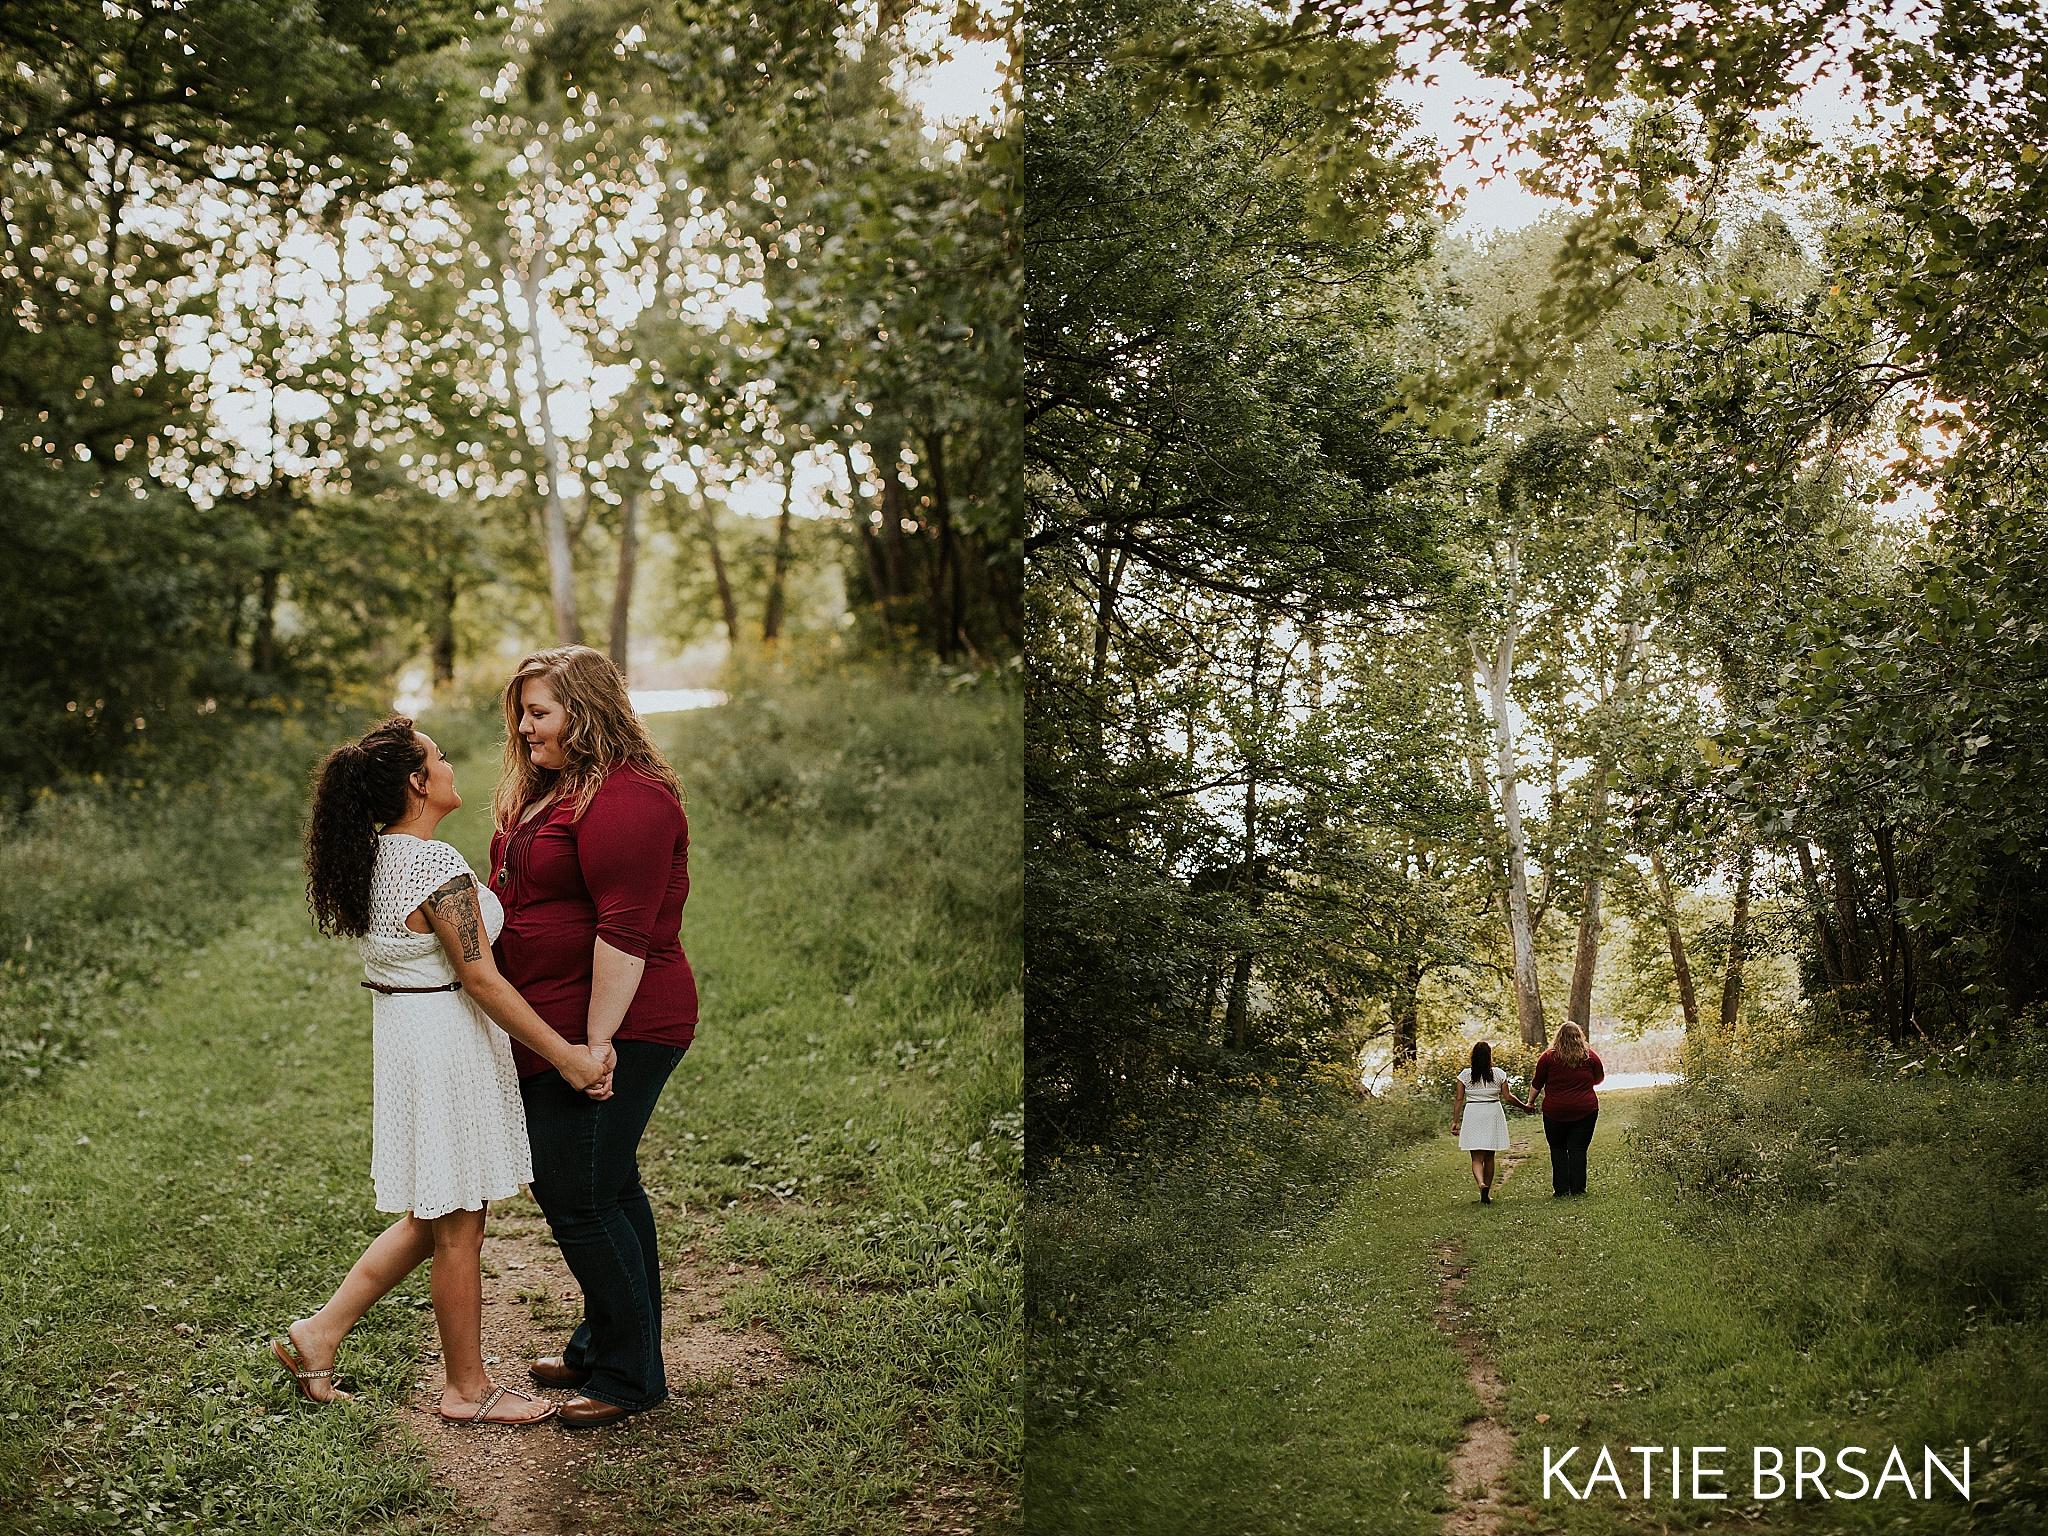 KatieBrsan-KankakeeRiverStatePark-EngagementSession_0449.jpg